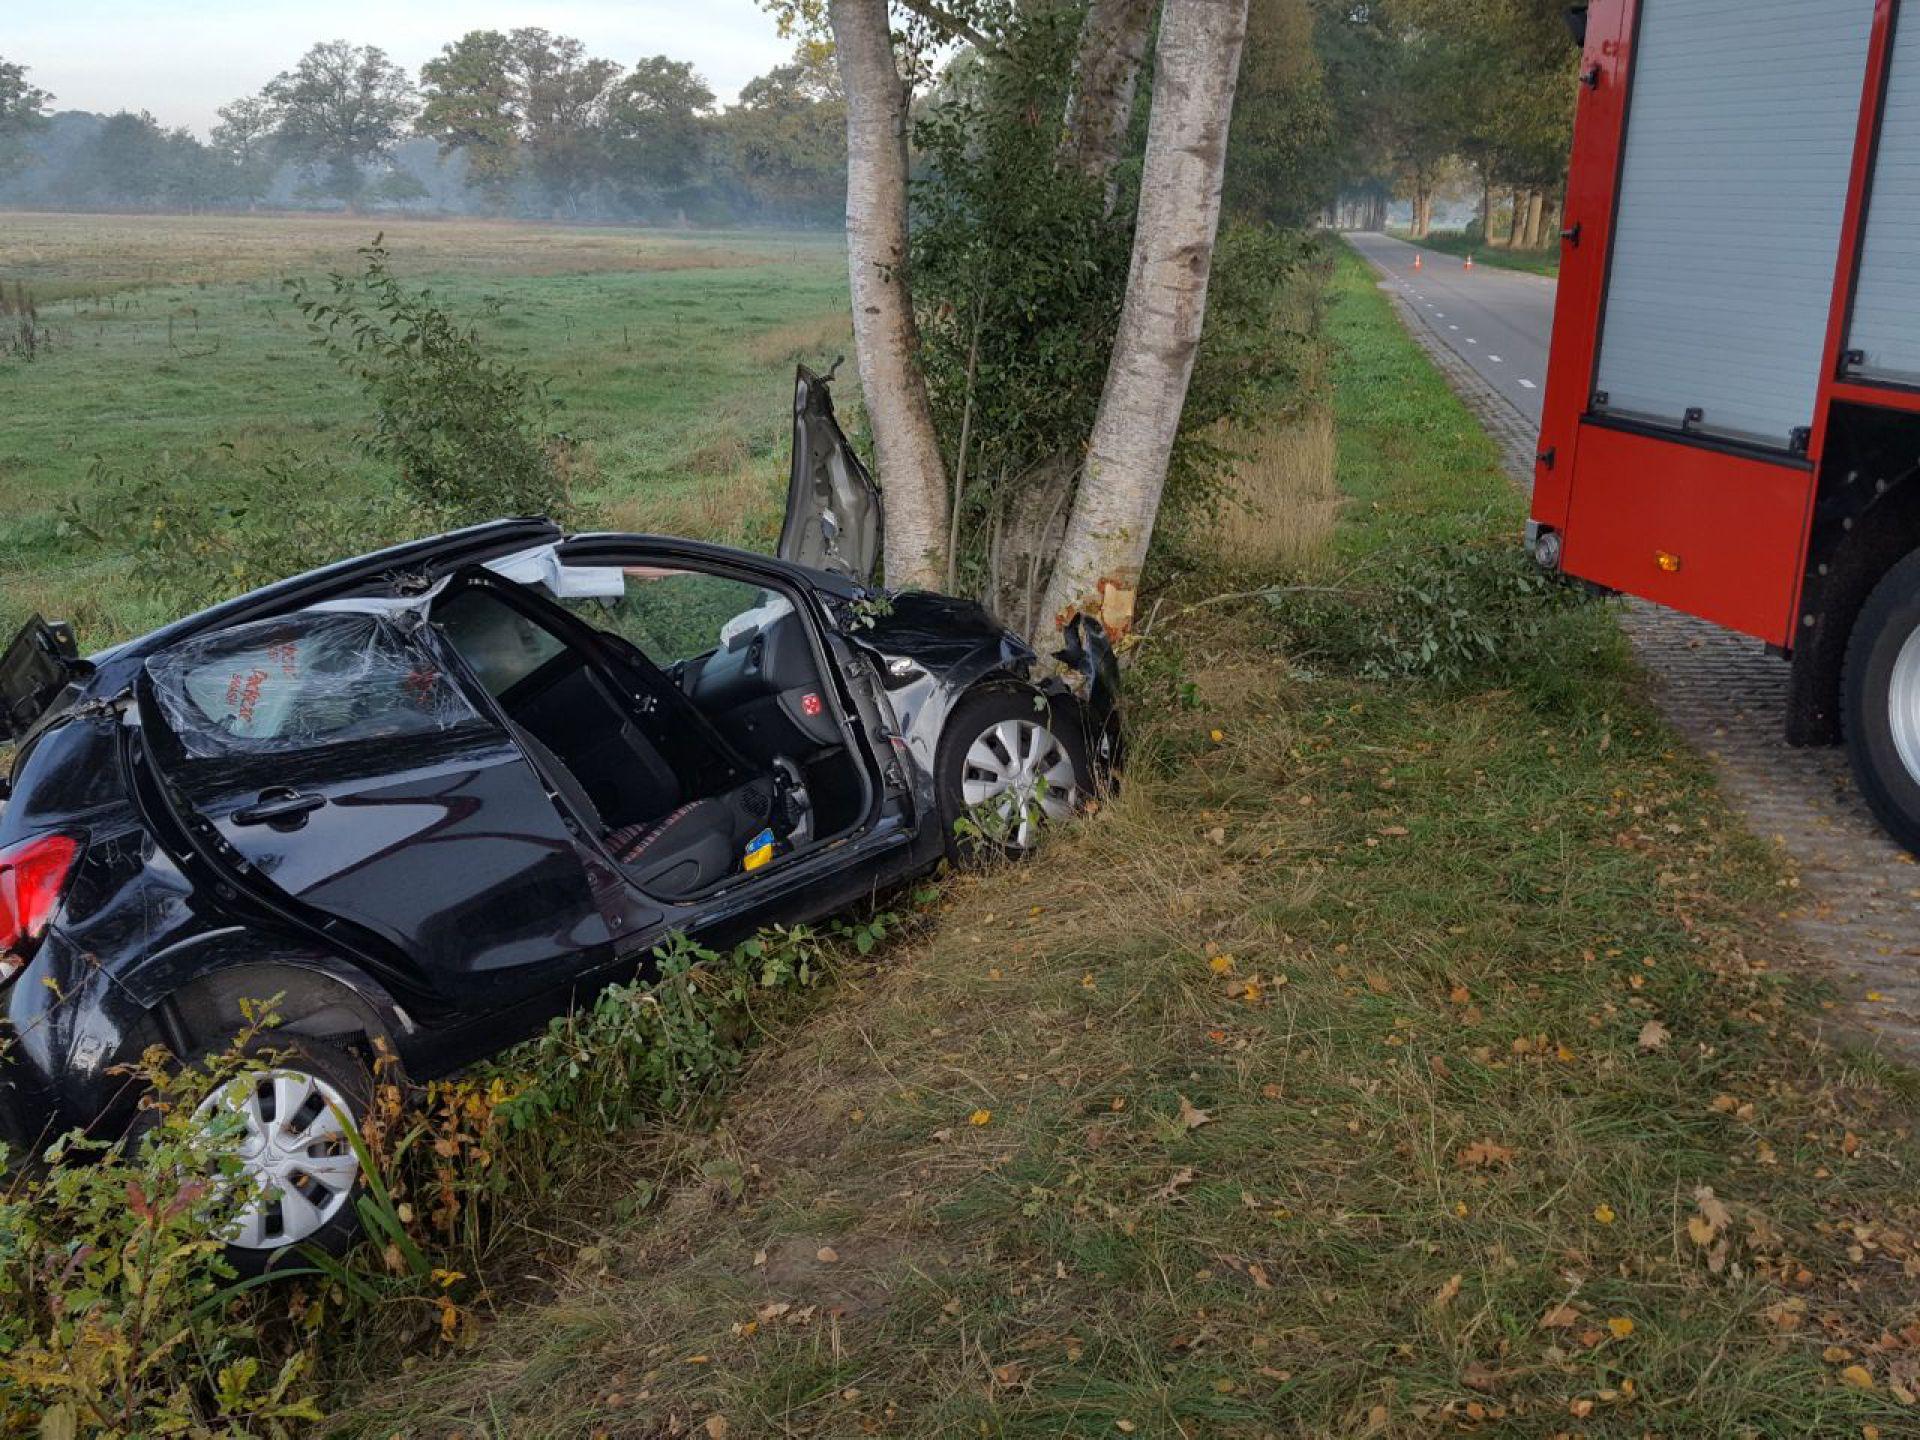 Brandweer bevrijdt bestuurder uit voertuig aan Rijssenseweg in Ambt Delden